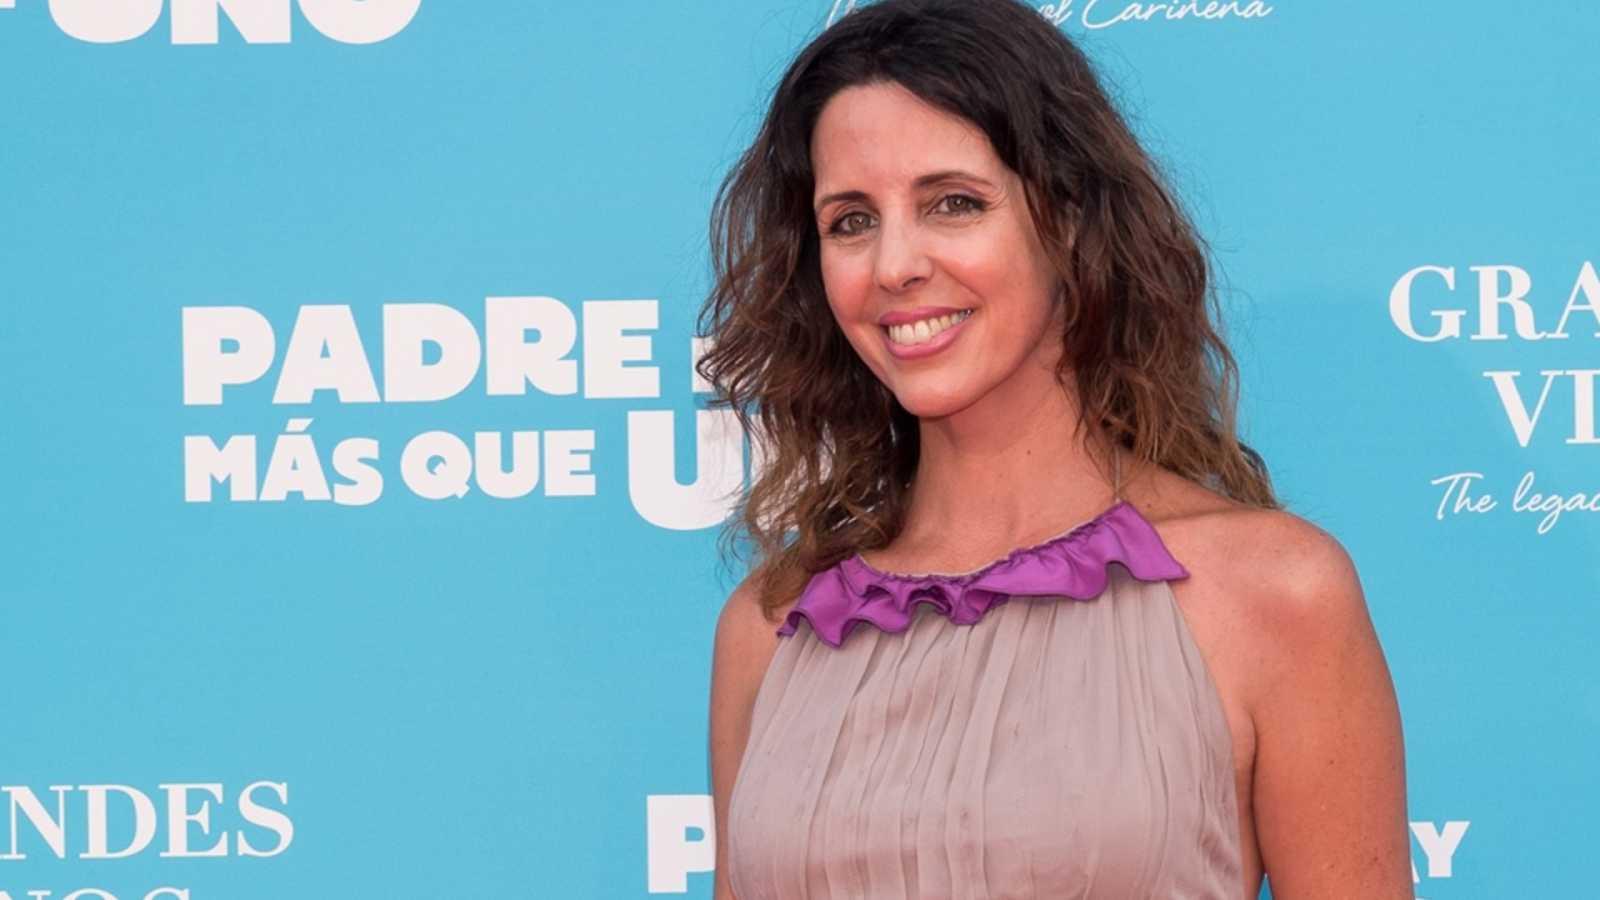 Por tres razones - ¿Qué hace Marta González de Vega en Galicia? - 31/07/20 - escuchar ahora